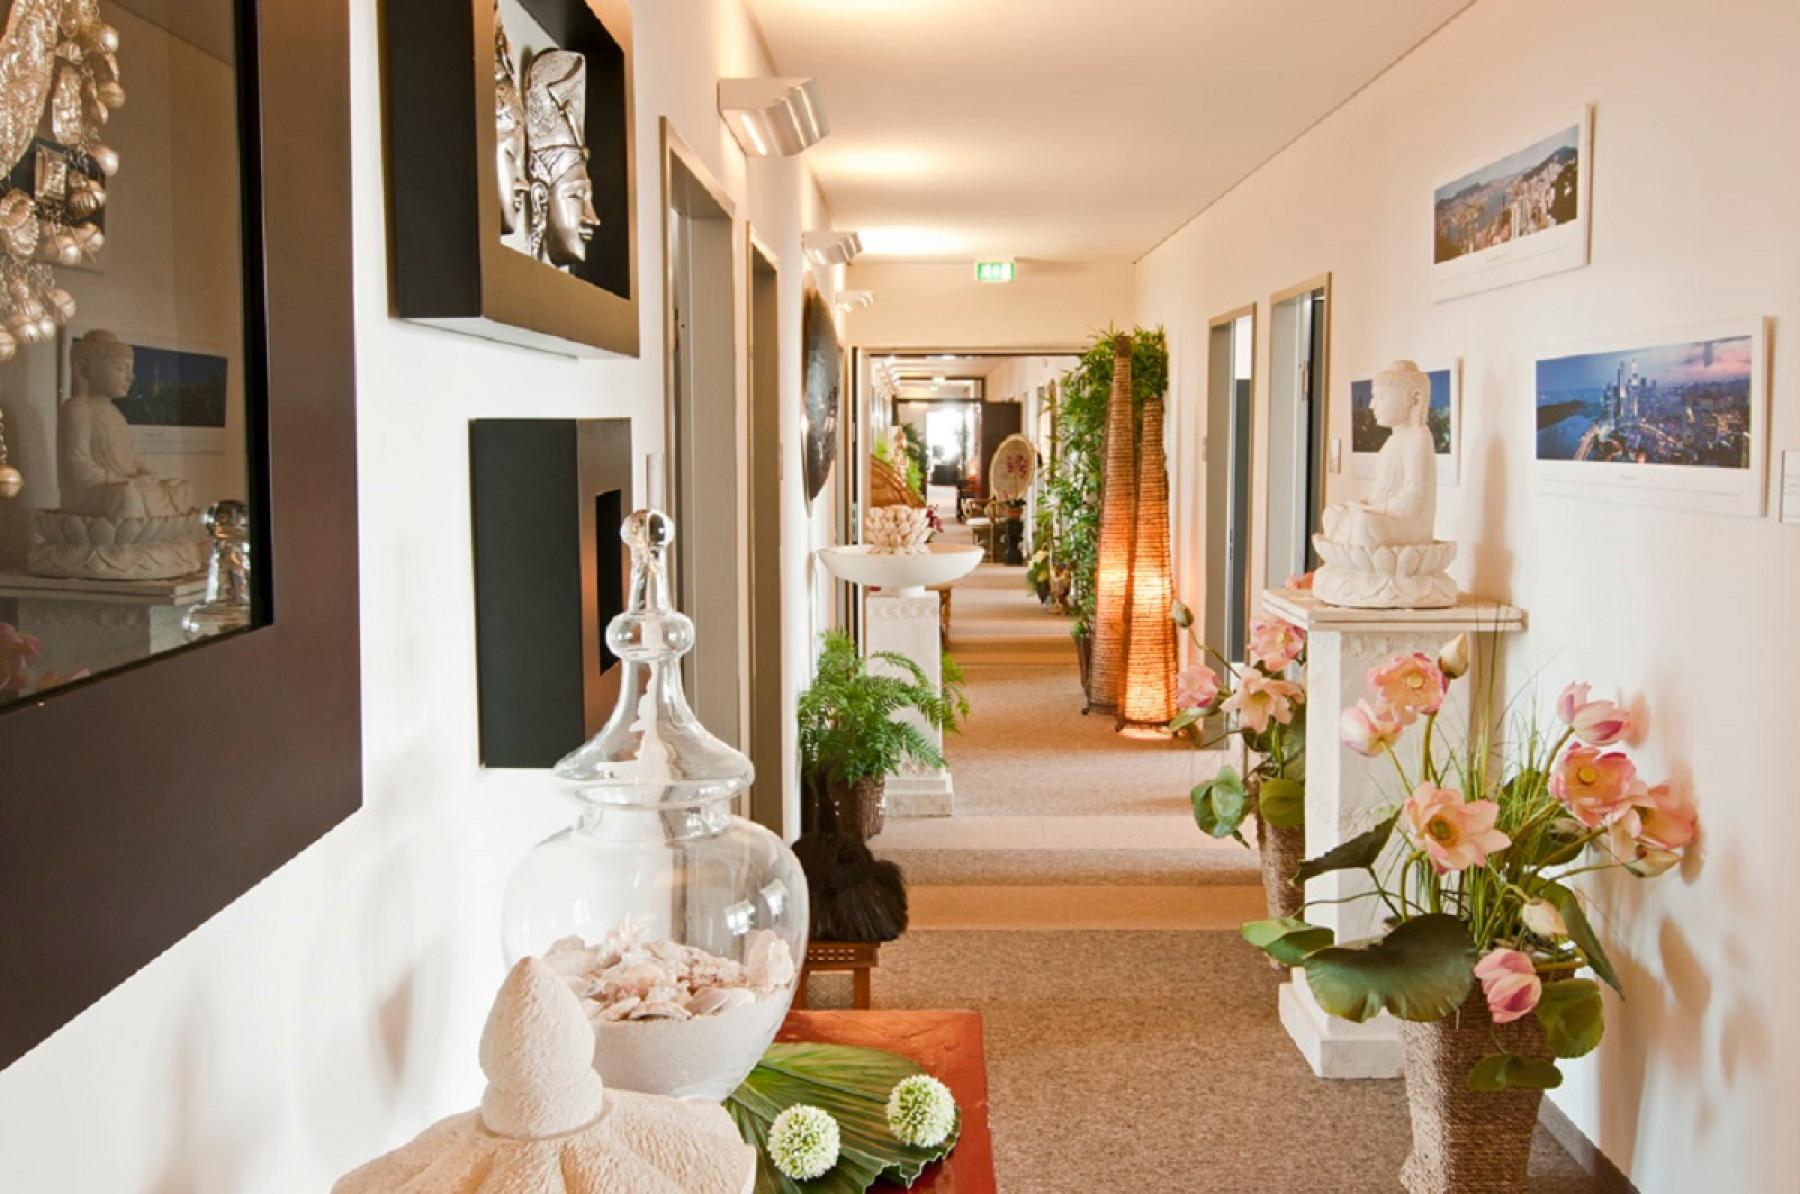 Büro mieten Landshuter Allee 8-10, München (14)